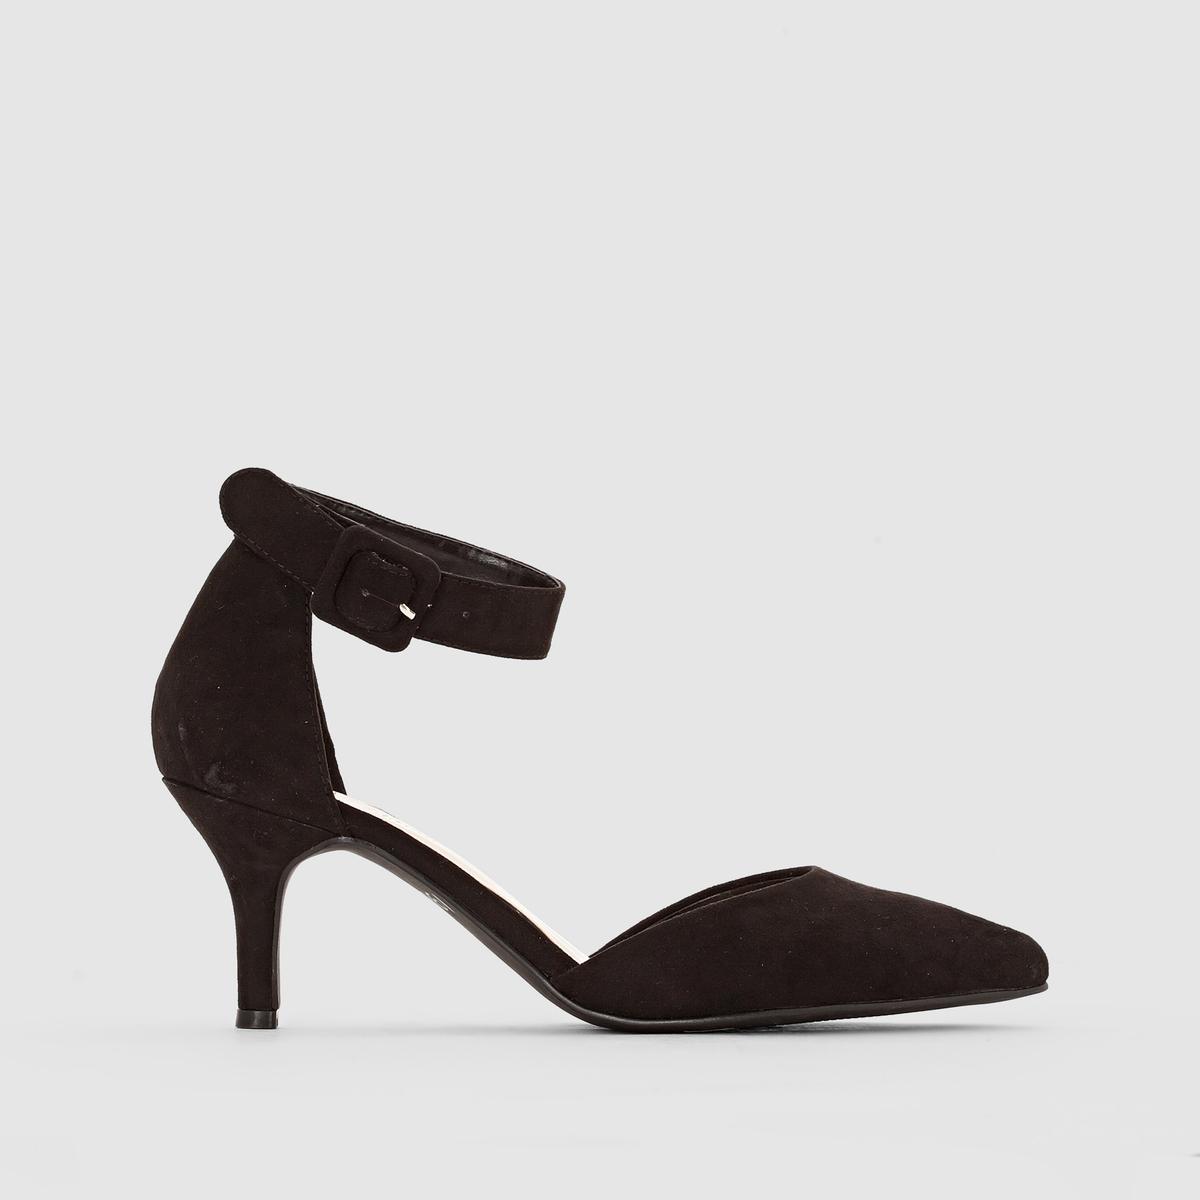 Туфли-лодочки с ремешкамиВерх : синтетика        Подкладка : синтетика     Стелька : синтетика      Подошва : эластомер     Высота каблука : 10,5 см      Застежка : ремешок с пряжкой     Марка: R Edition.     Преимущества : сложно представить себе более модные туфли, чем эти лодочки: узкий носок, высокий каблук и ремешок вокруг щиколотки.<br><br>Цвет: фиолетовый<br>Размер: 40